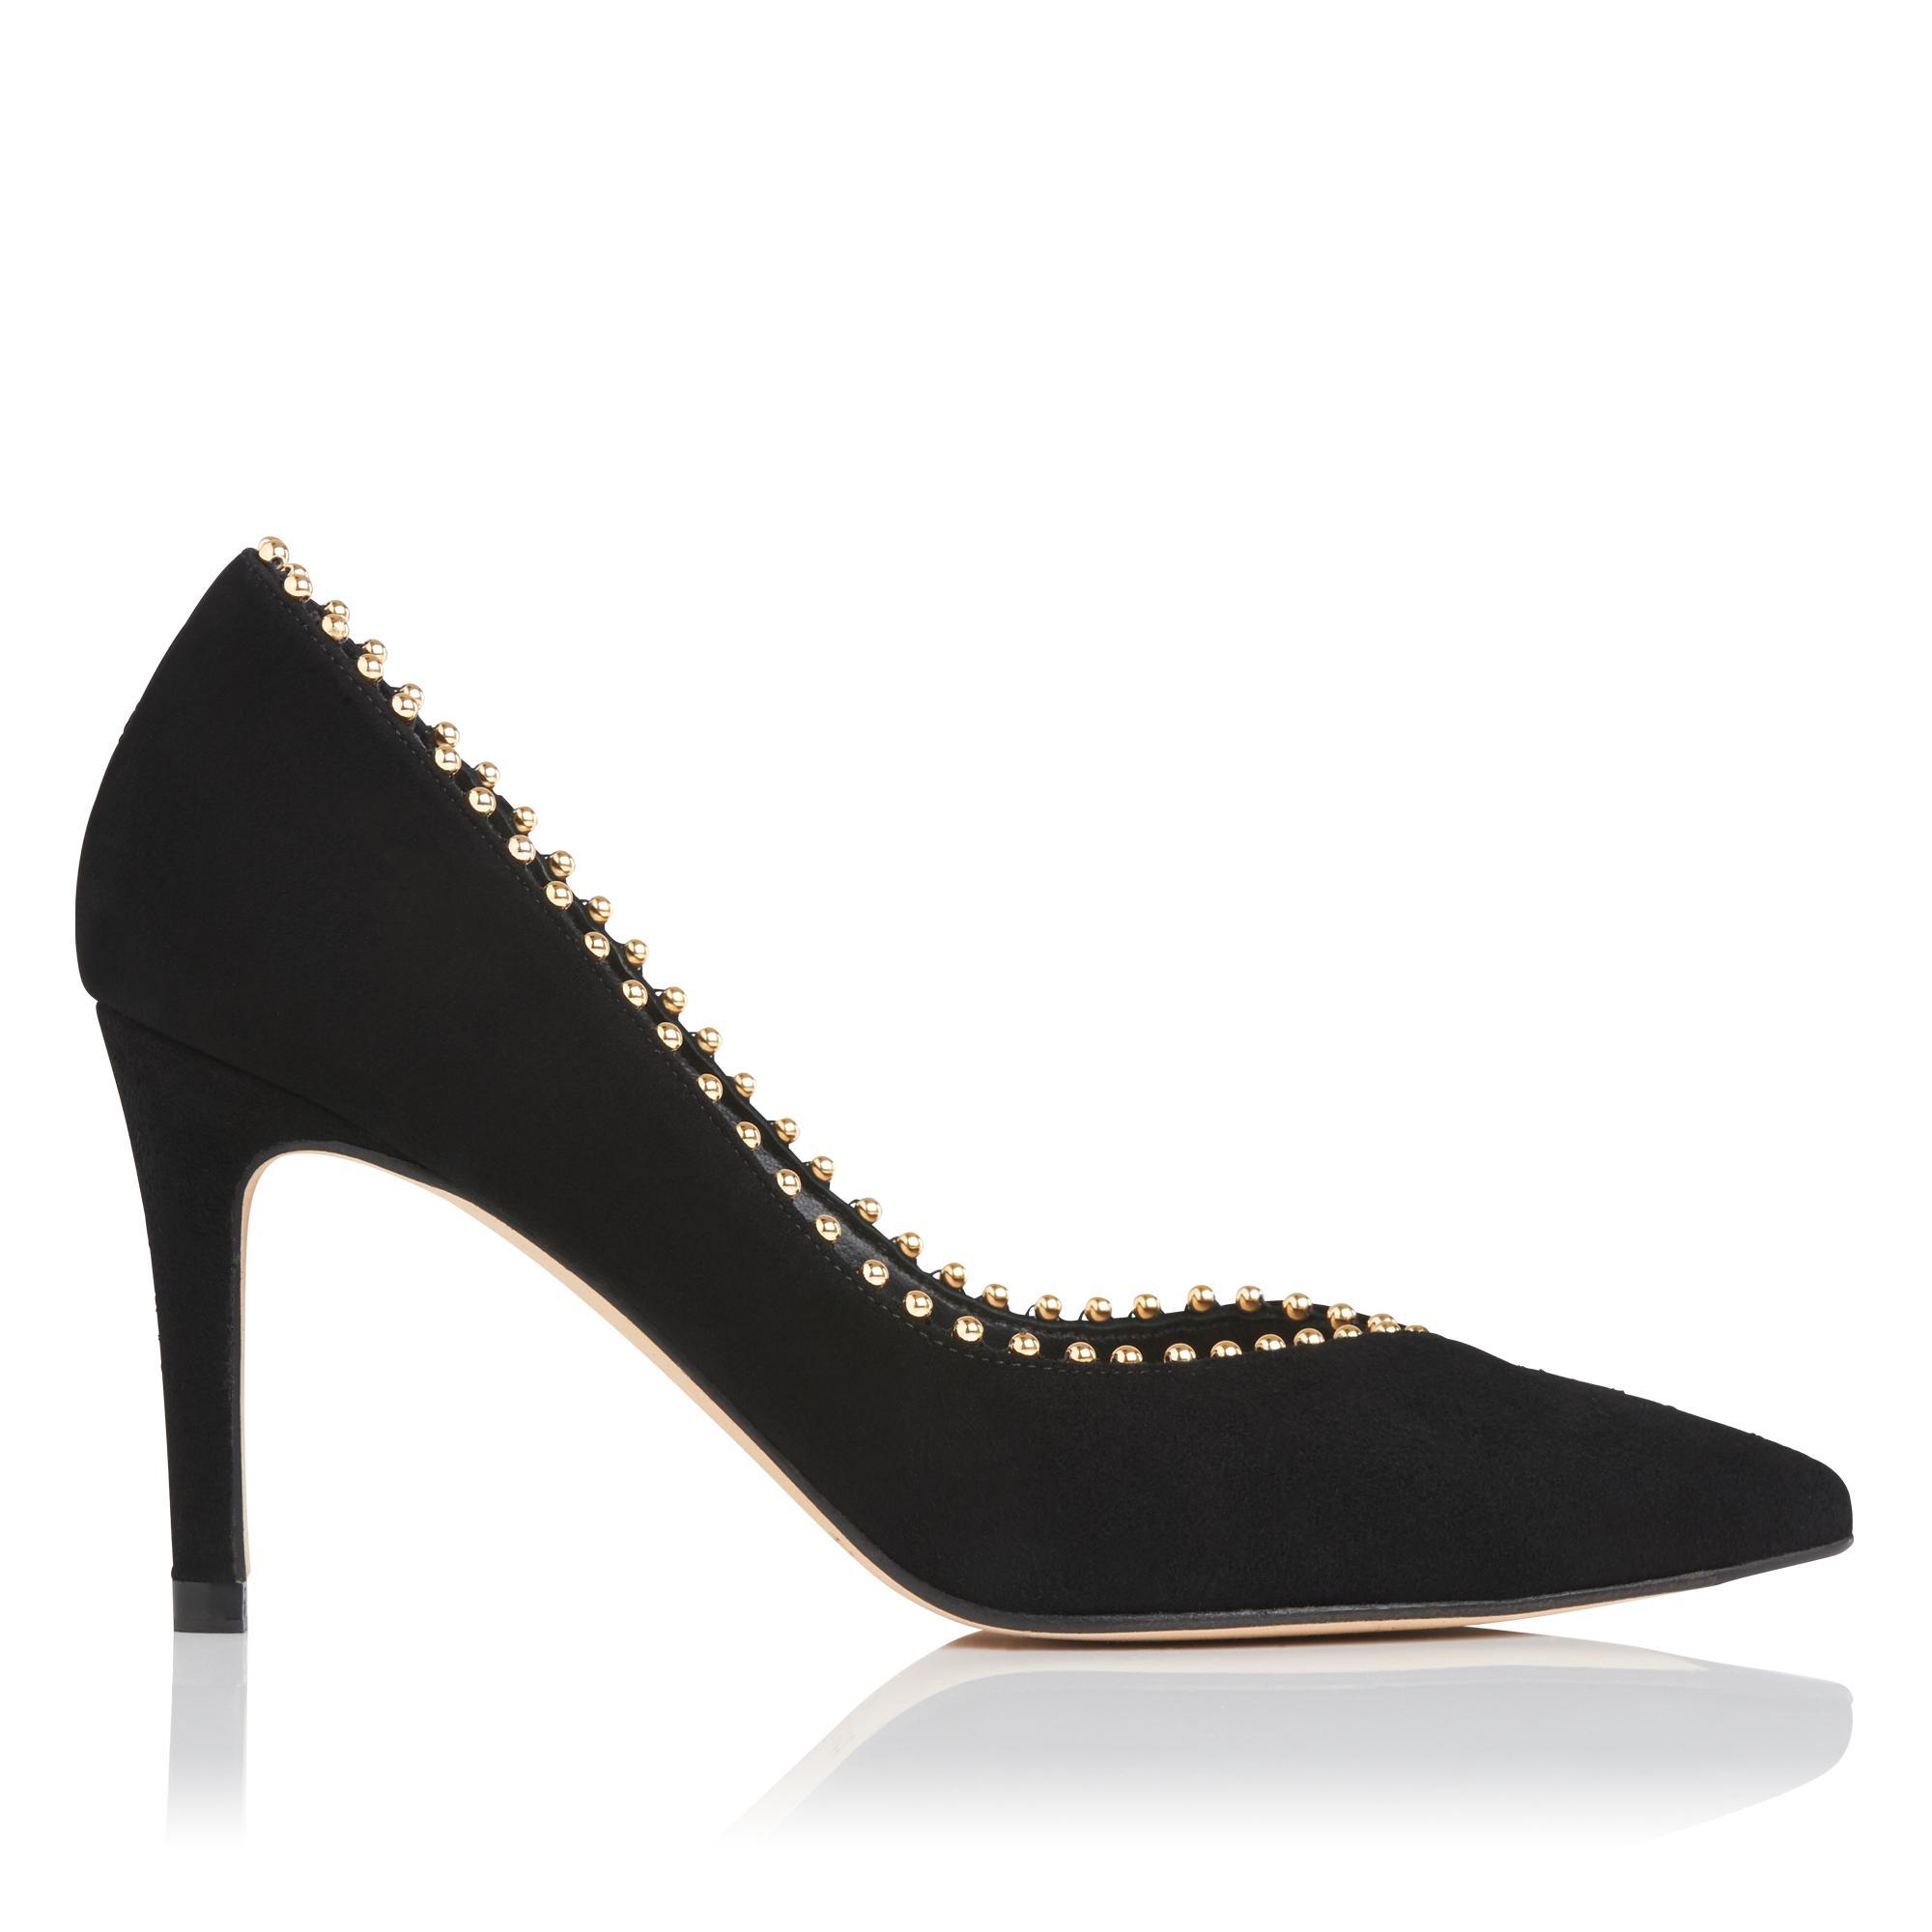 Fifi Black Suede Heel